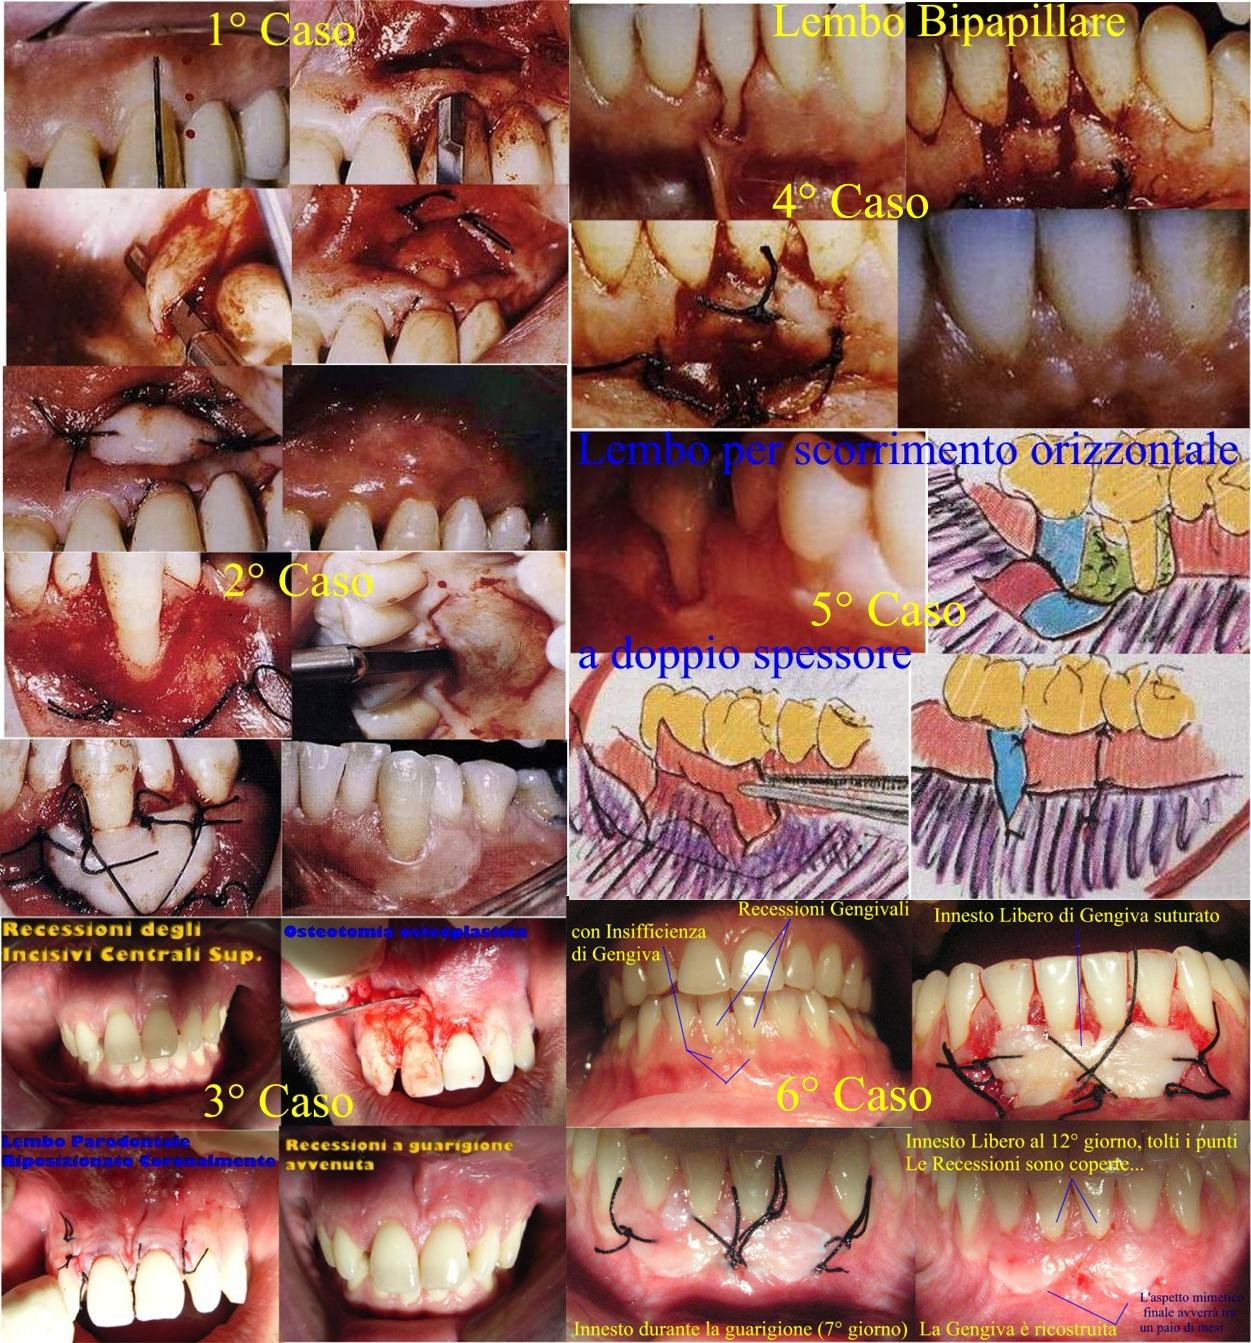 Chirurgia Parodontale Estetica. Da casistica del Dr. Gustavo Petti Parodontologo di Cagliari